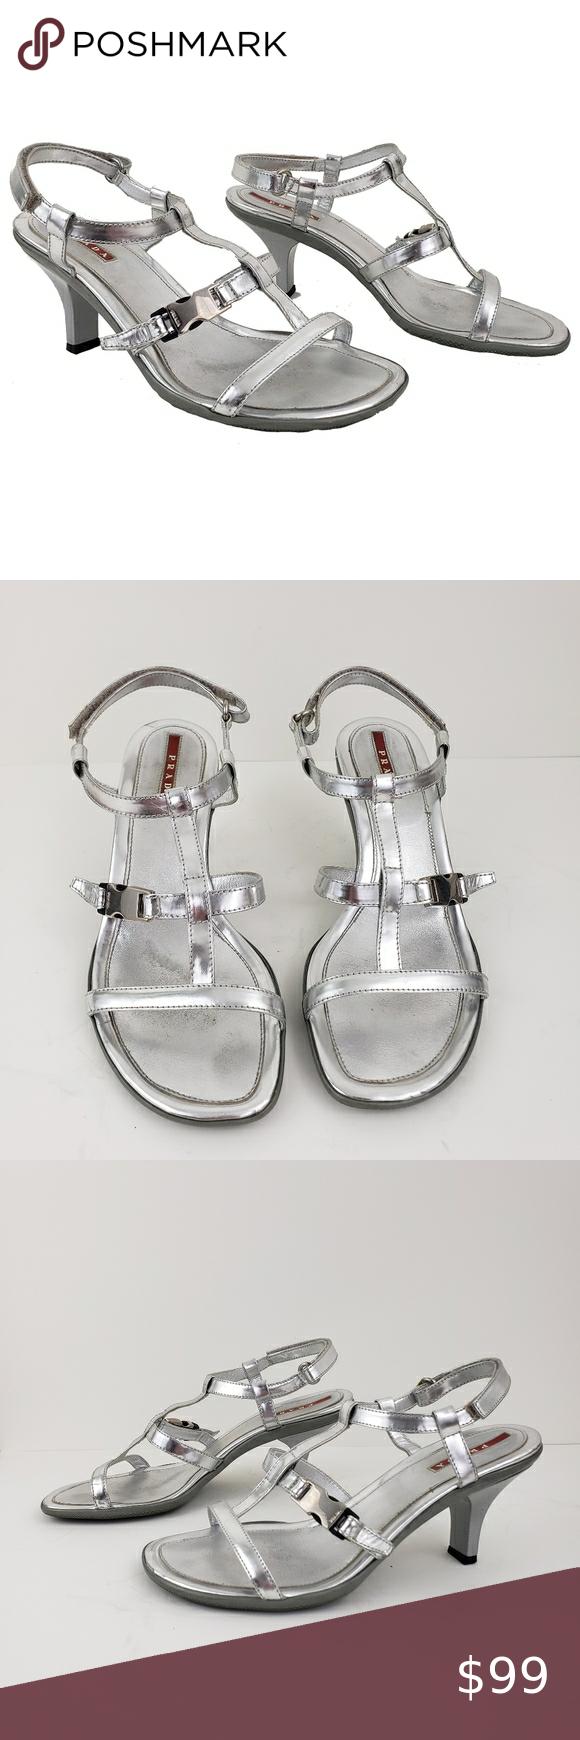 Prada Sport Silver Strappy Kitten Heel Sandals 37 In 2020 Kitten Heel Sandals Sandals Heels T Strap Sandals